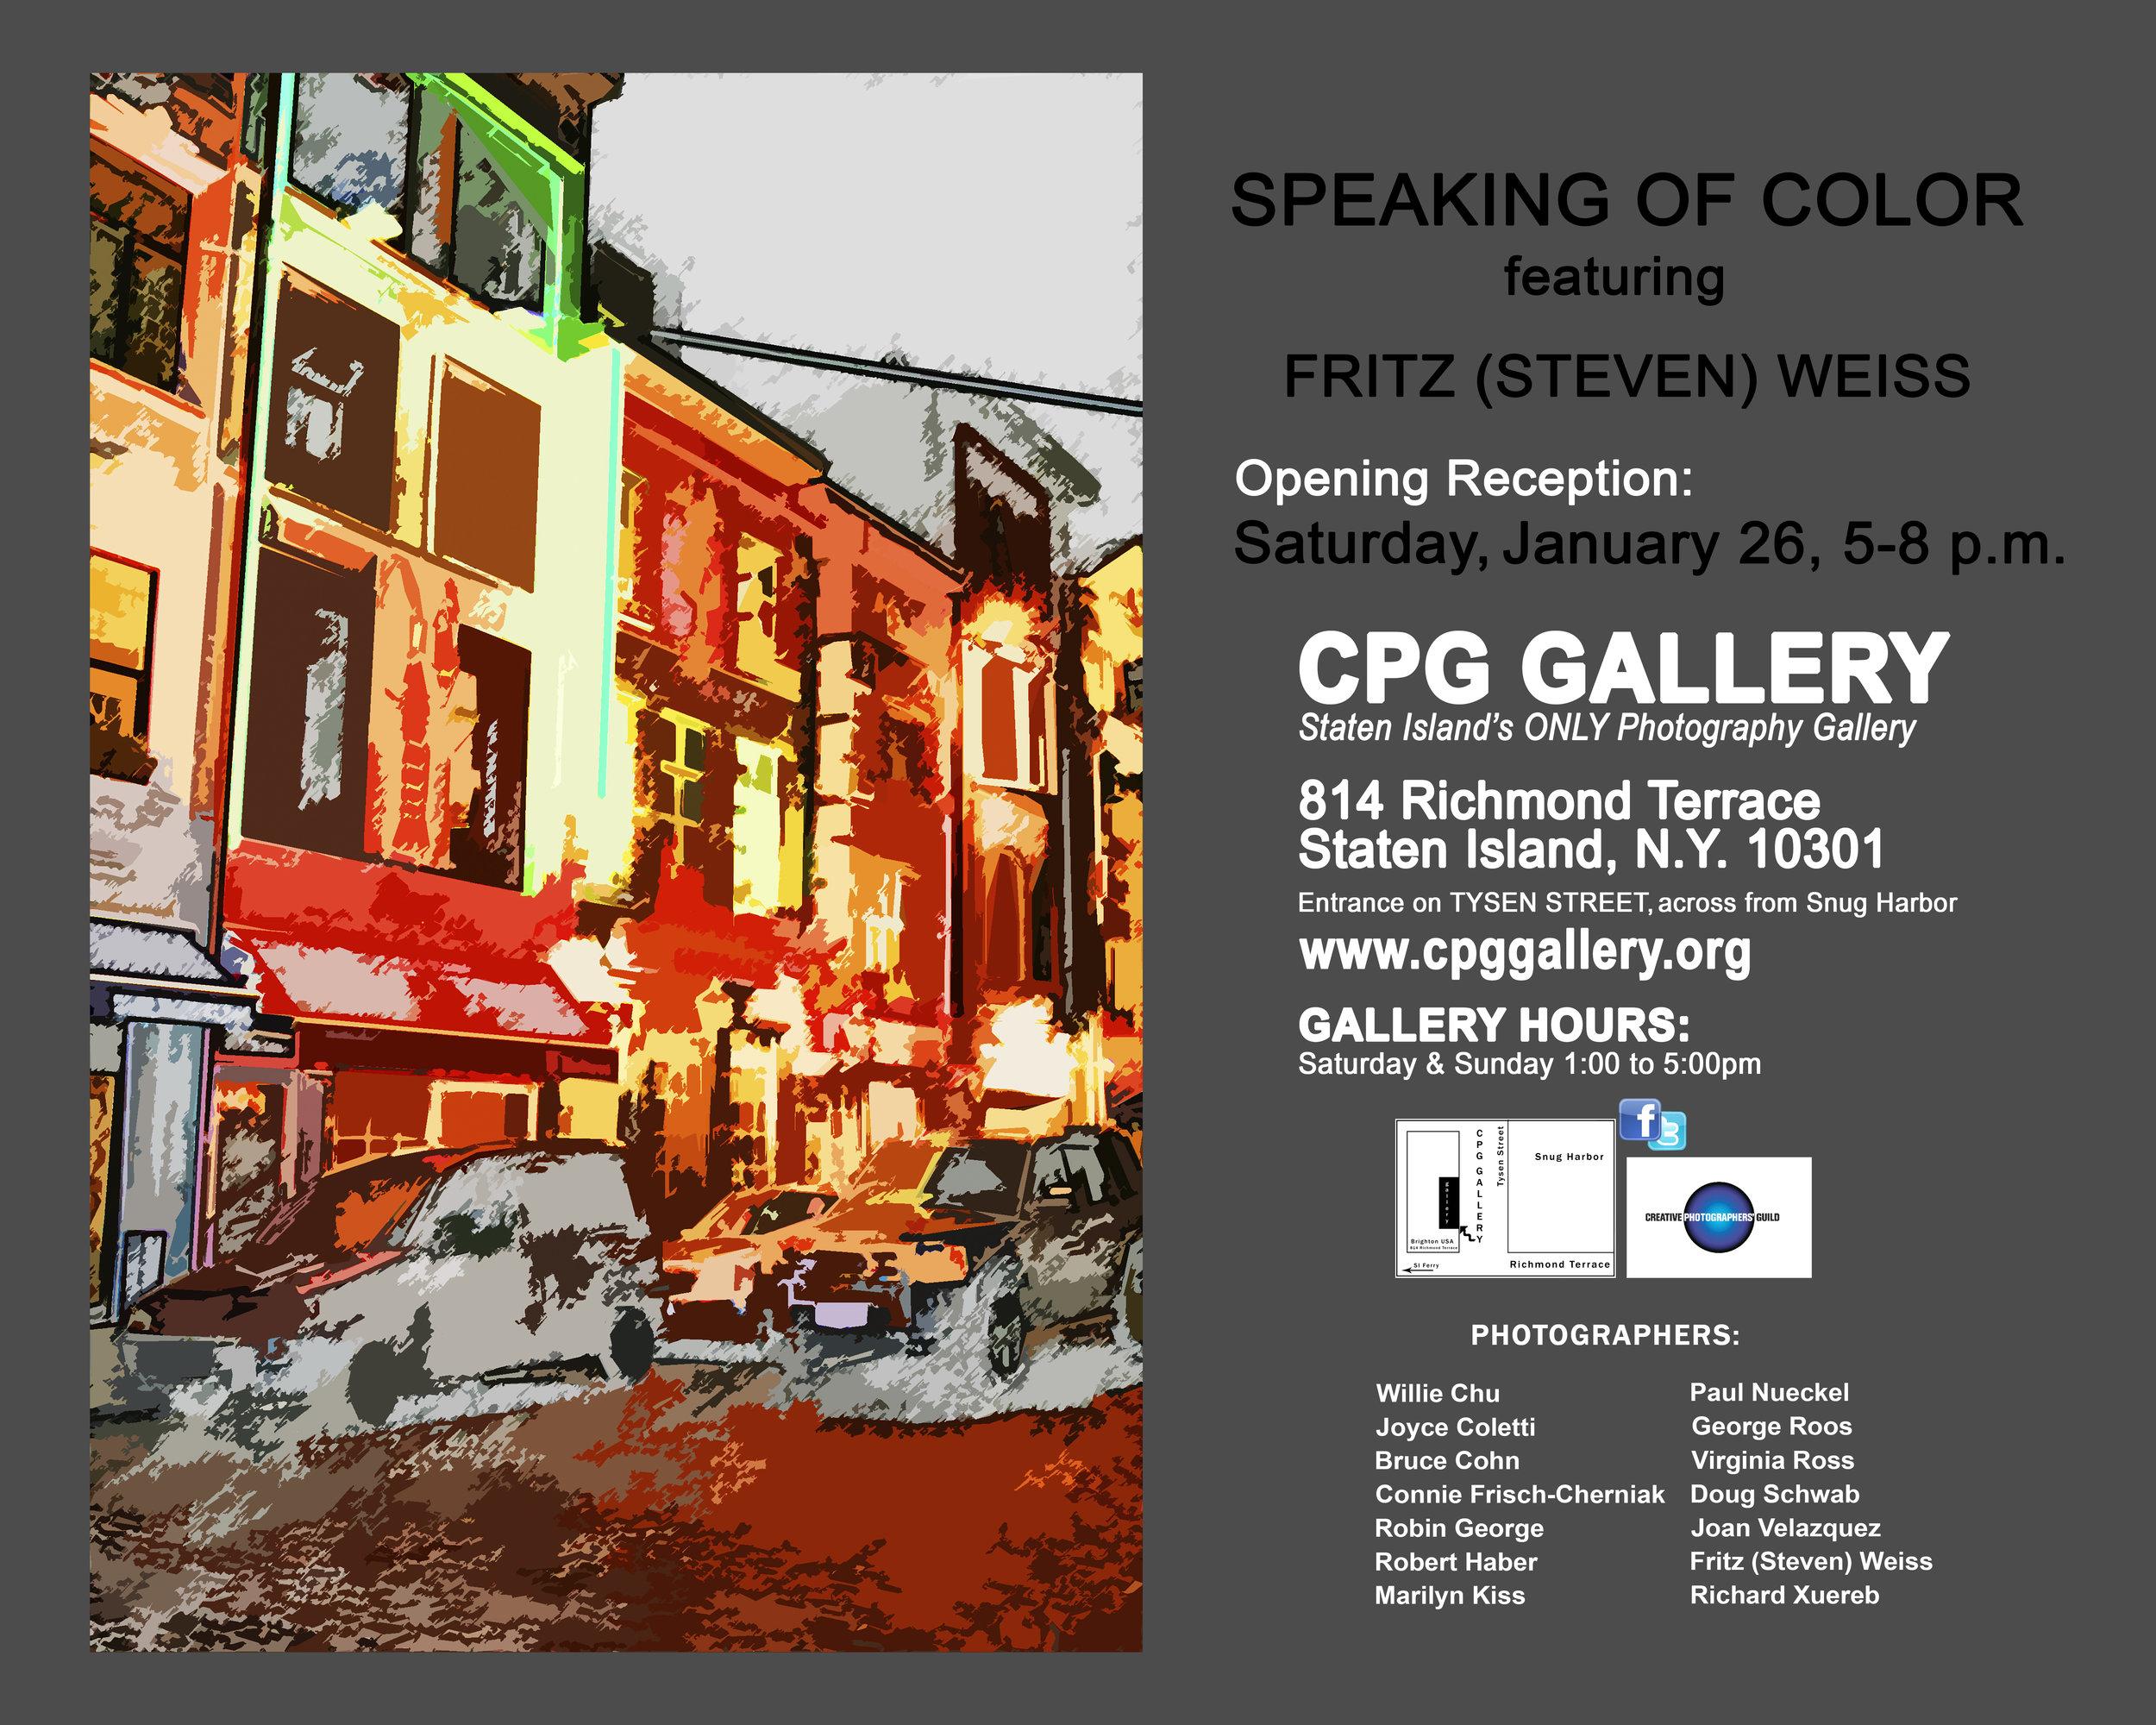 CPG_speaking_of_color_16x20.jpg